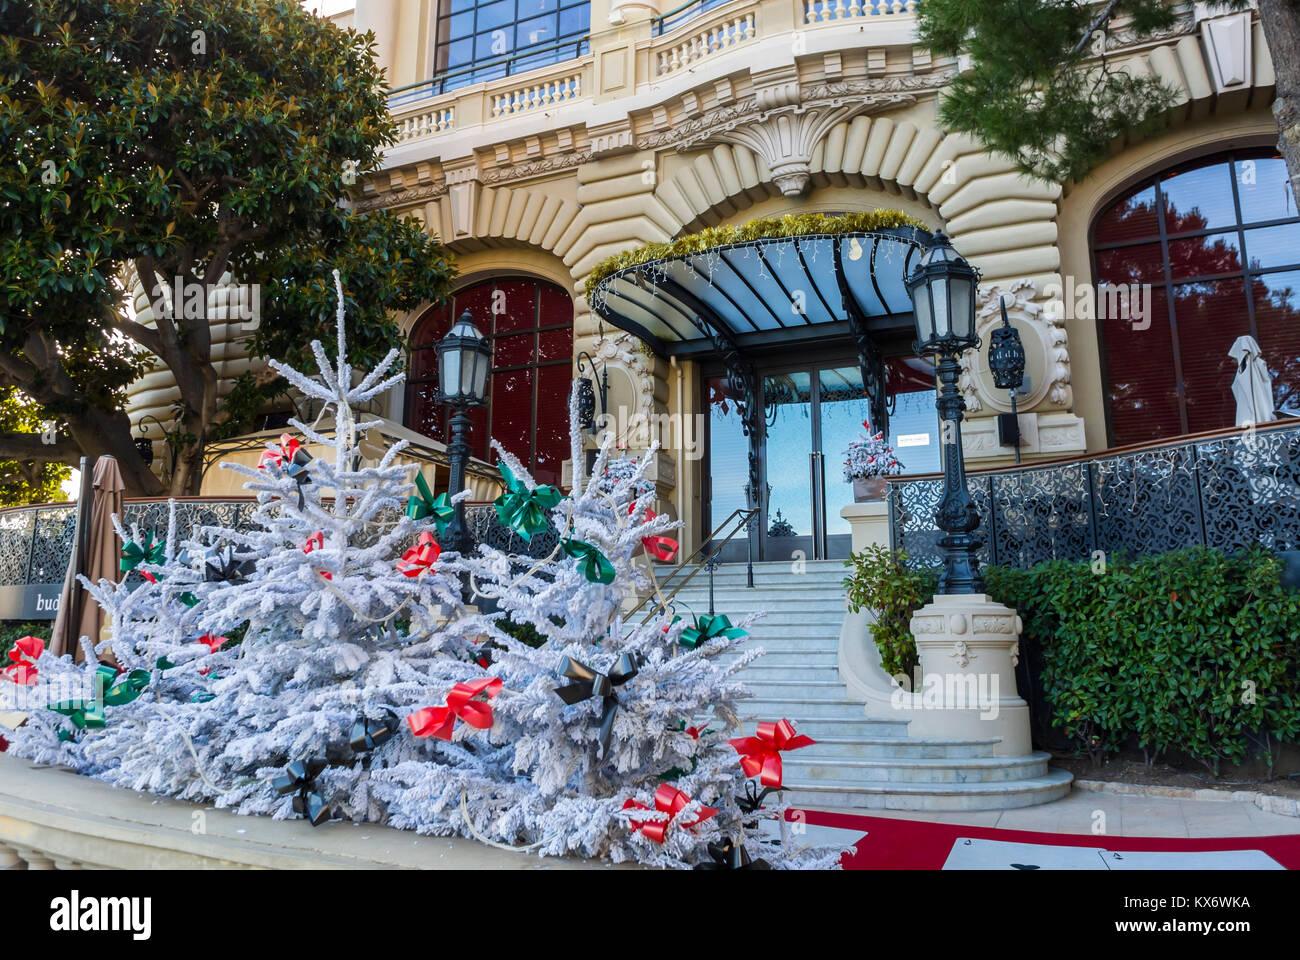 Monaco, Monte Carlo, Le Casino , Christmas Decorations - Stock Image